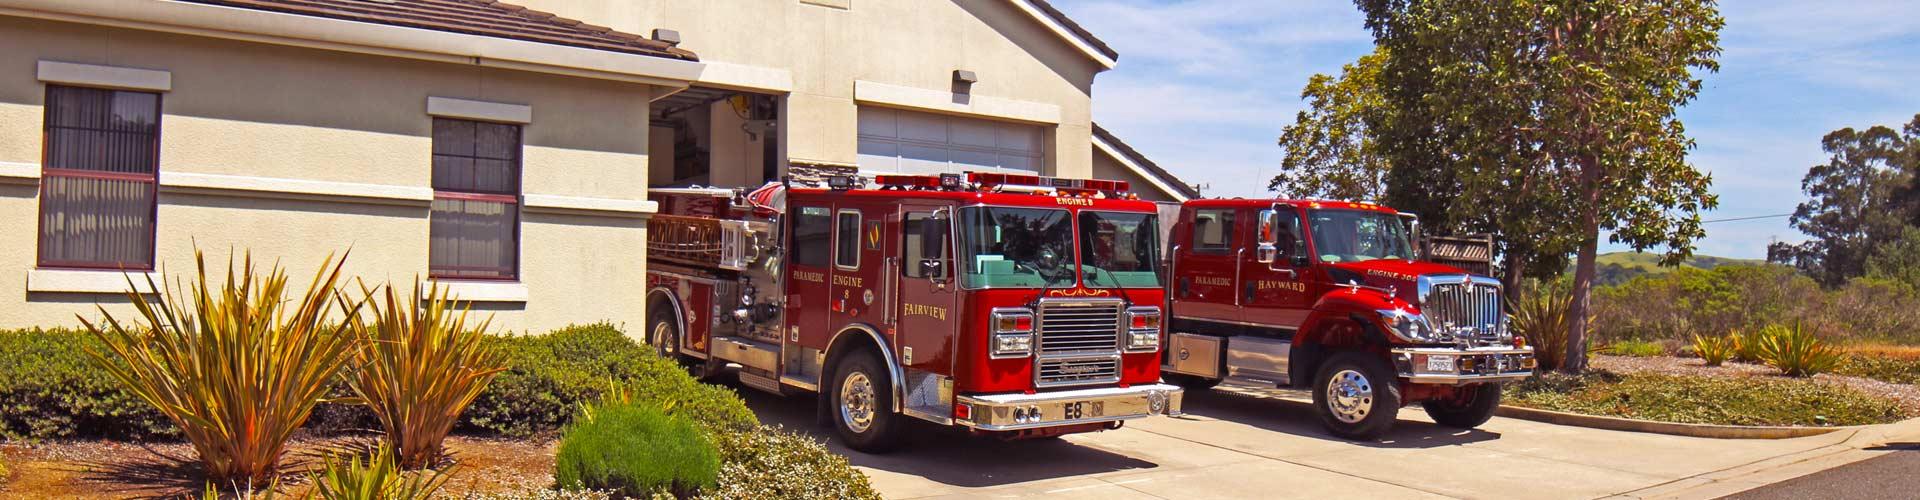 fairview-fire-department